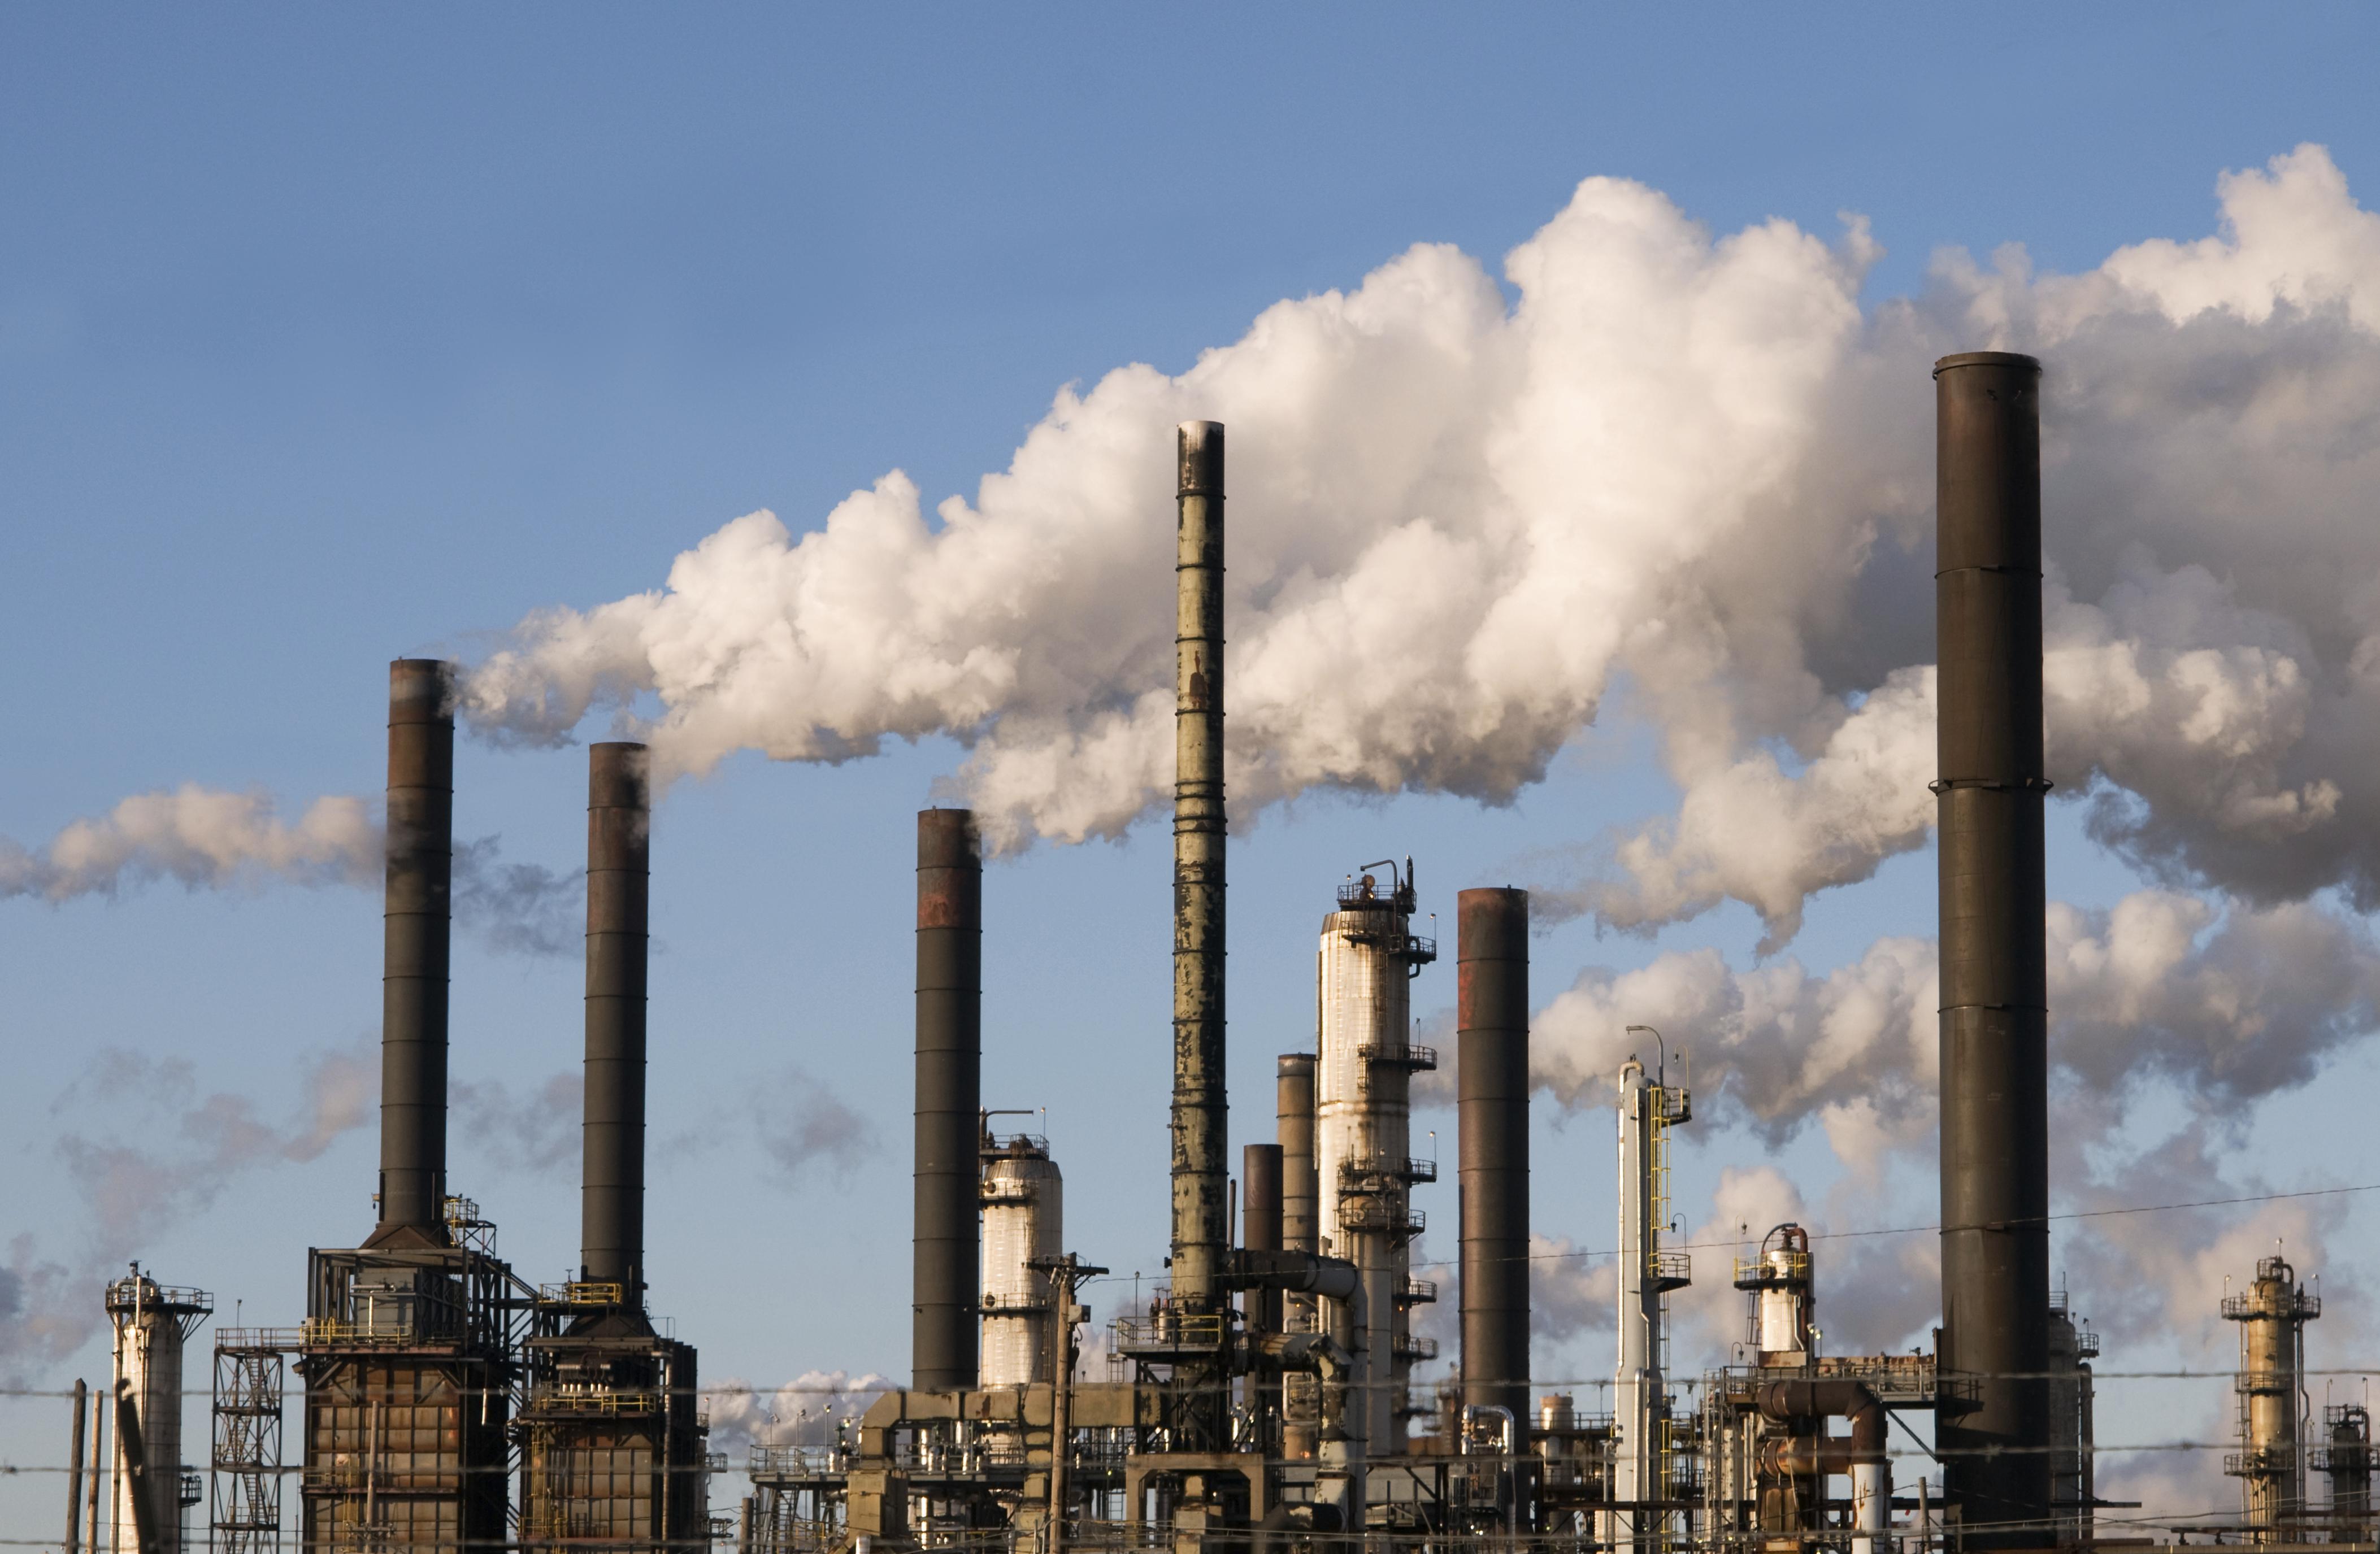 Загрязнение воздуха ежегодно убивает больше людей, чем СПИД и малярия вместе взятые